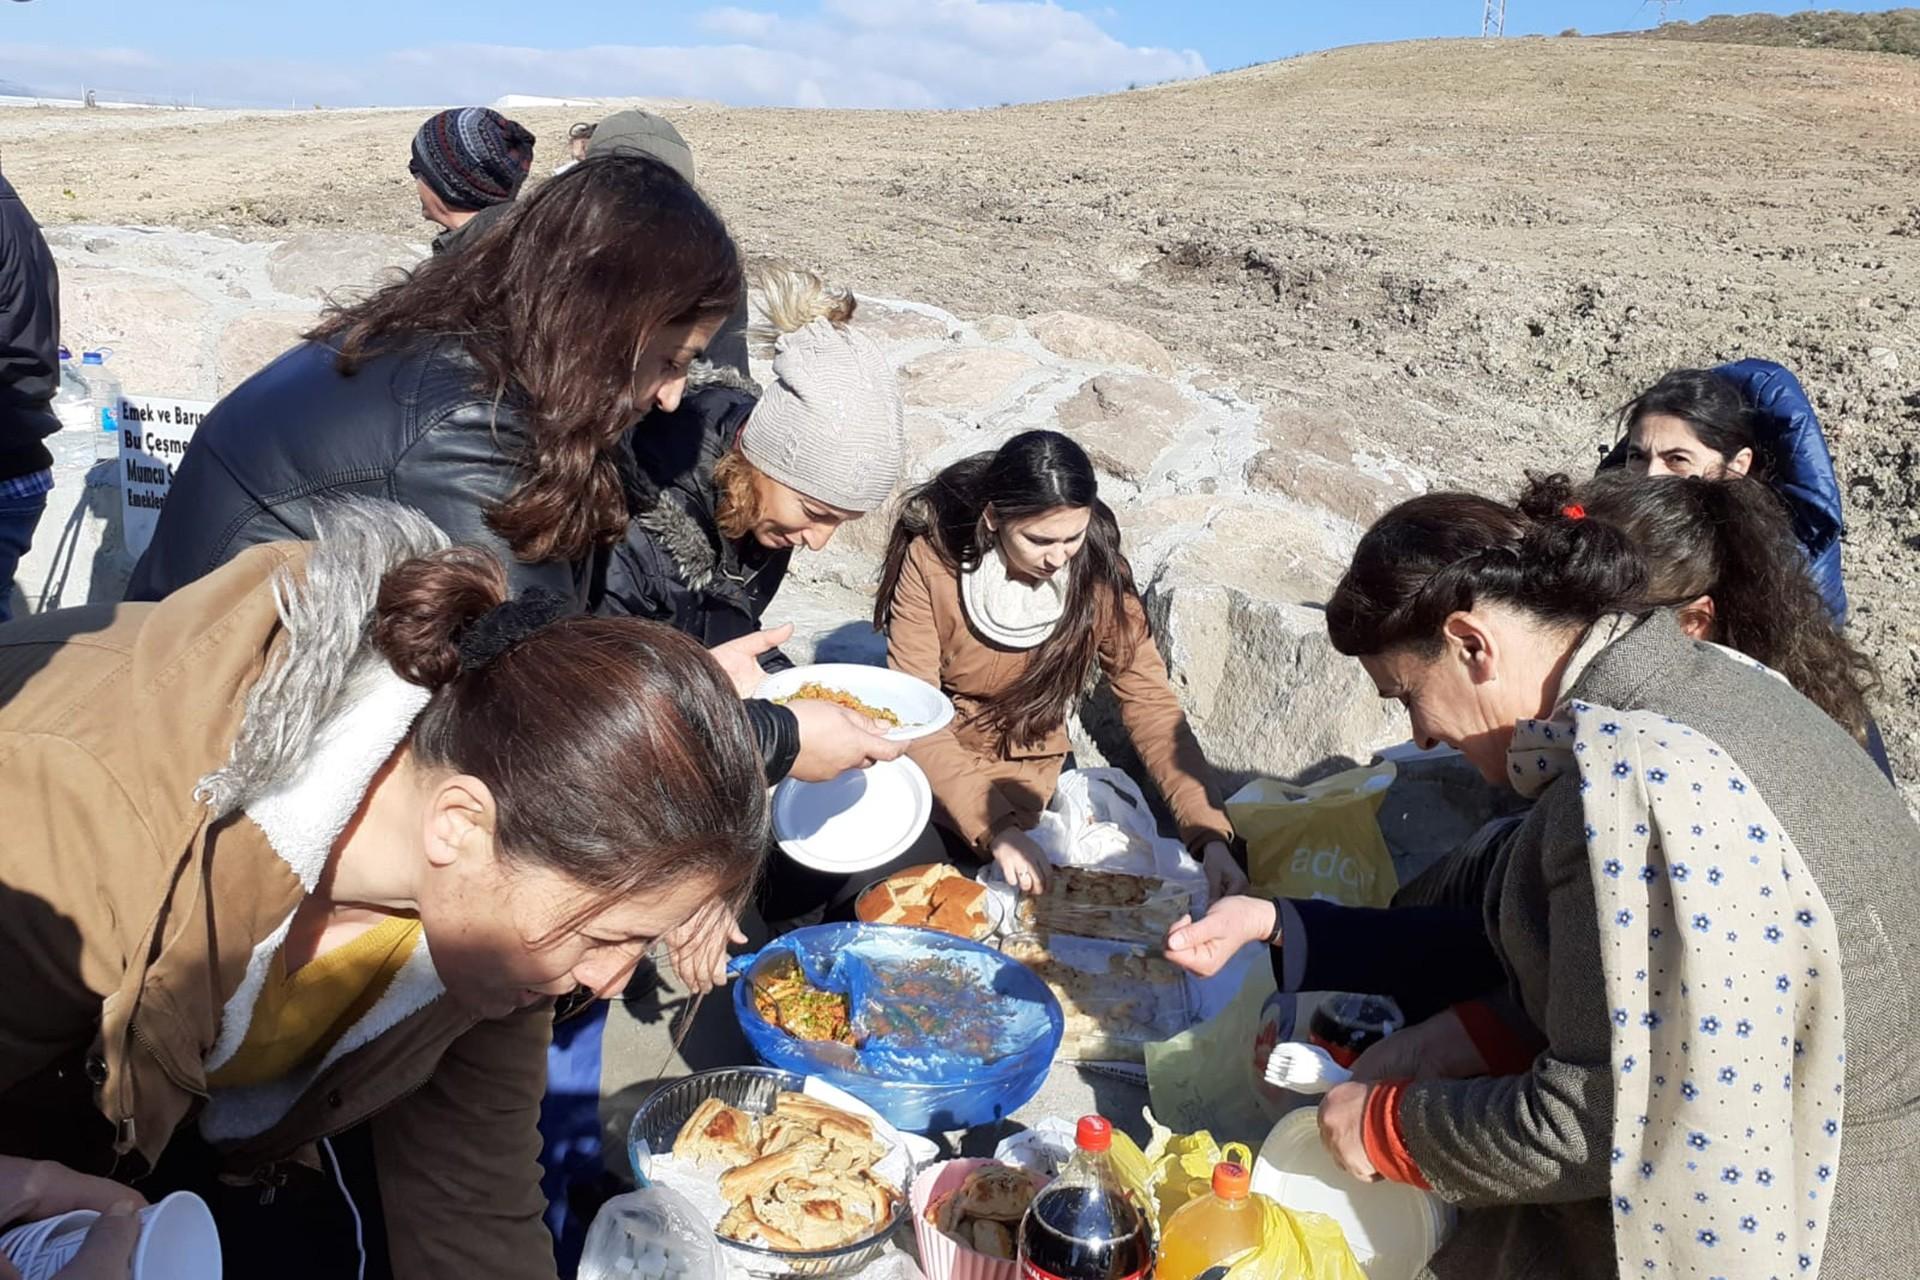 Çeşme açılışı, evden getirdikleri yiyeceklerle kurdukları sofrada yemek yiyen kadınlar.